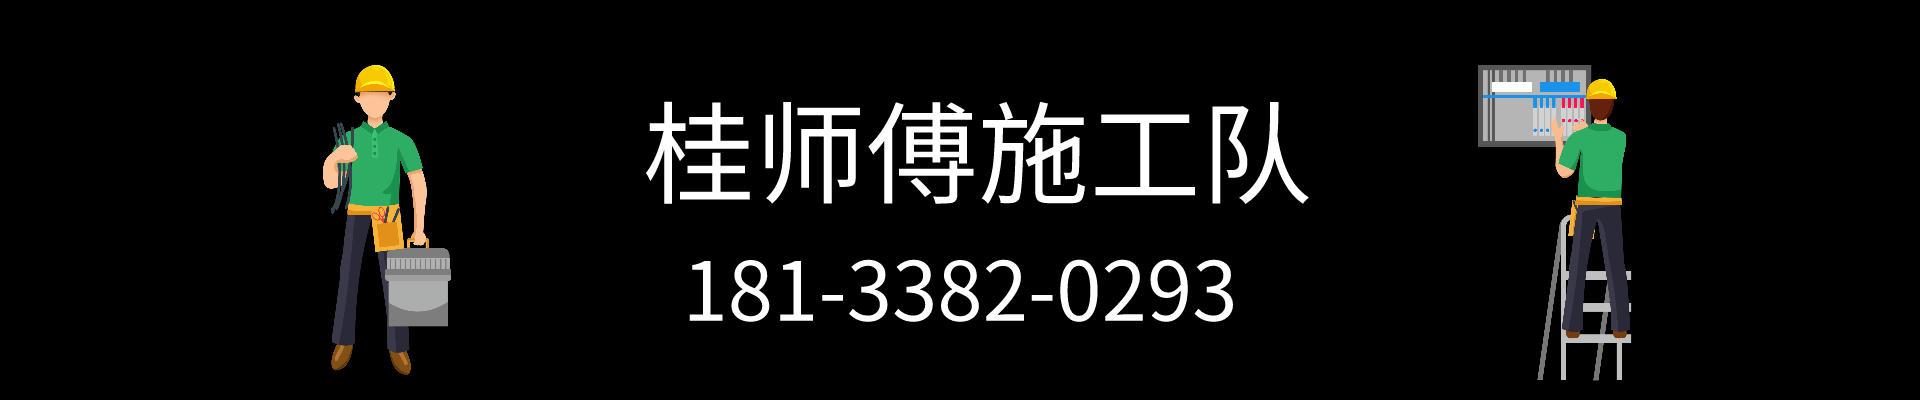 杭州专业水钻打孔电话